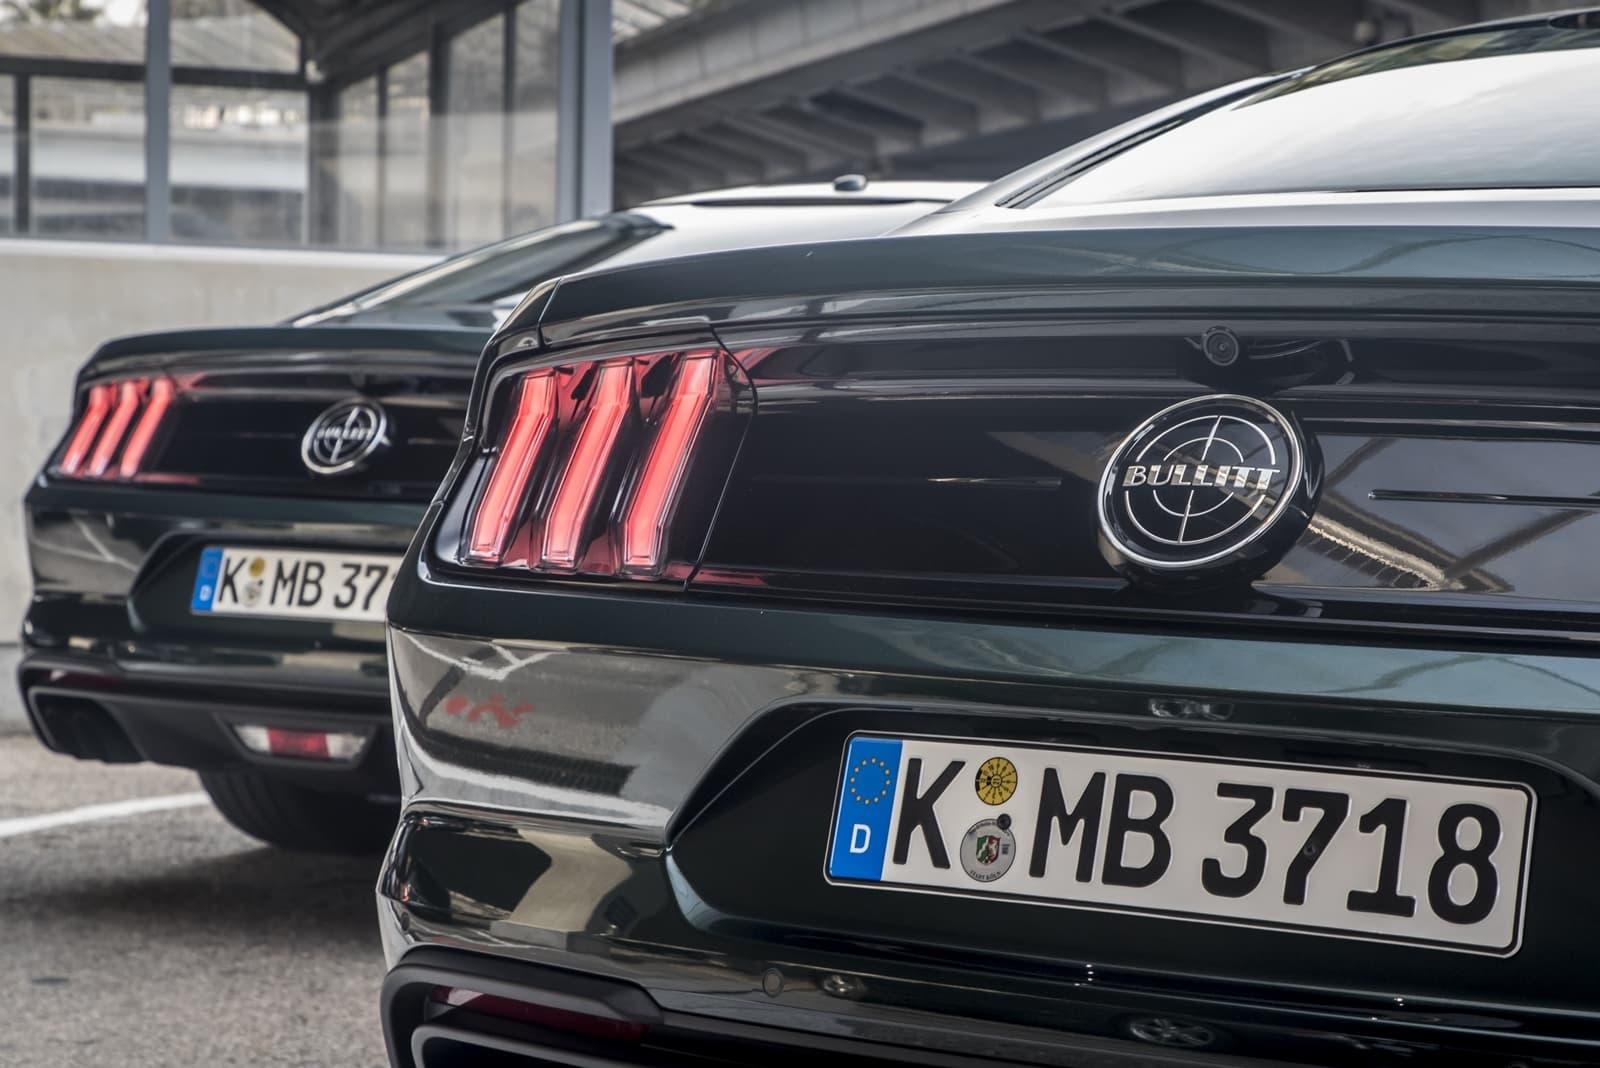 Ford Mustang Bullitt 2018 1018 003